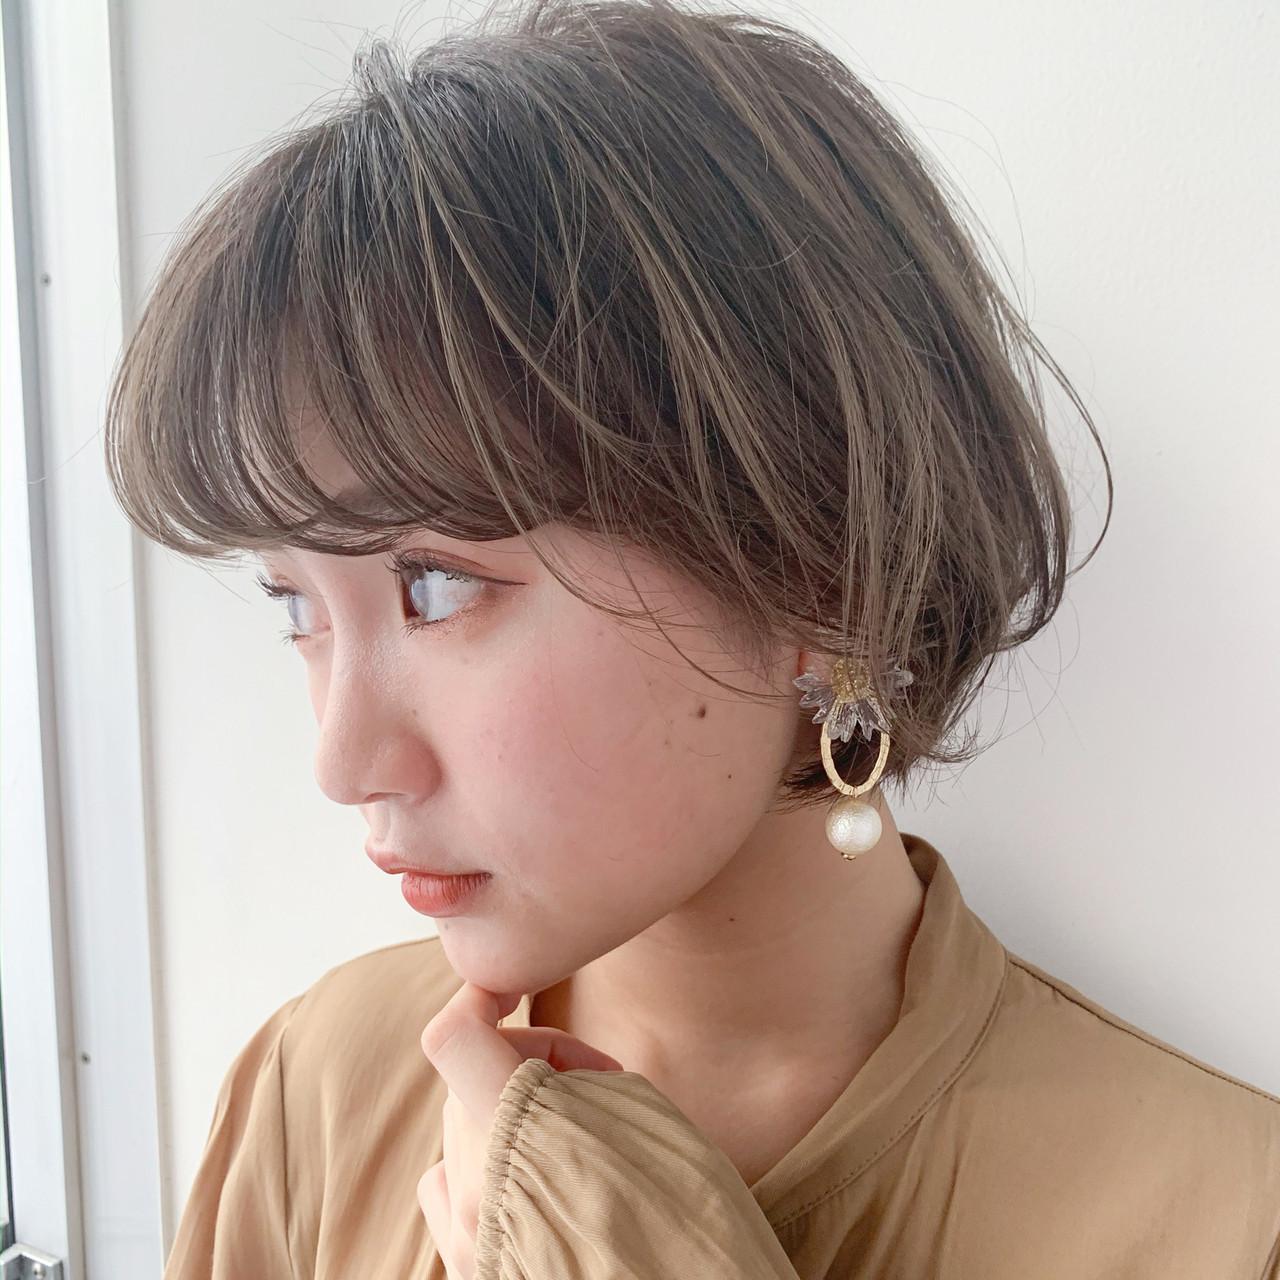 アンニュイほつれヘア 大人かわいい ショートヘア ガーリー ヘアスタイルや髪型の写真・画像